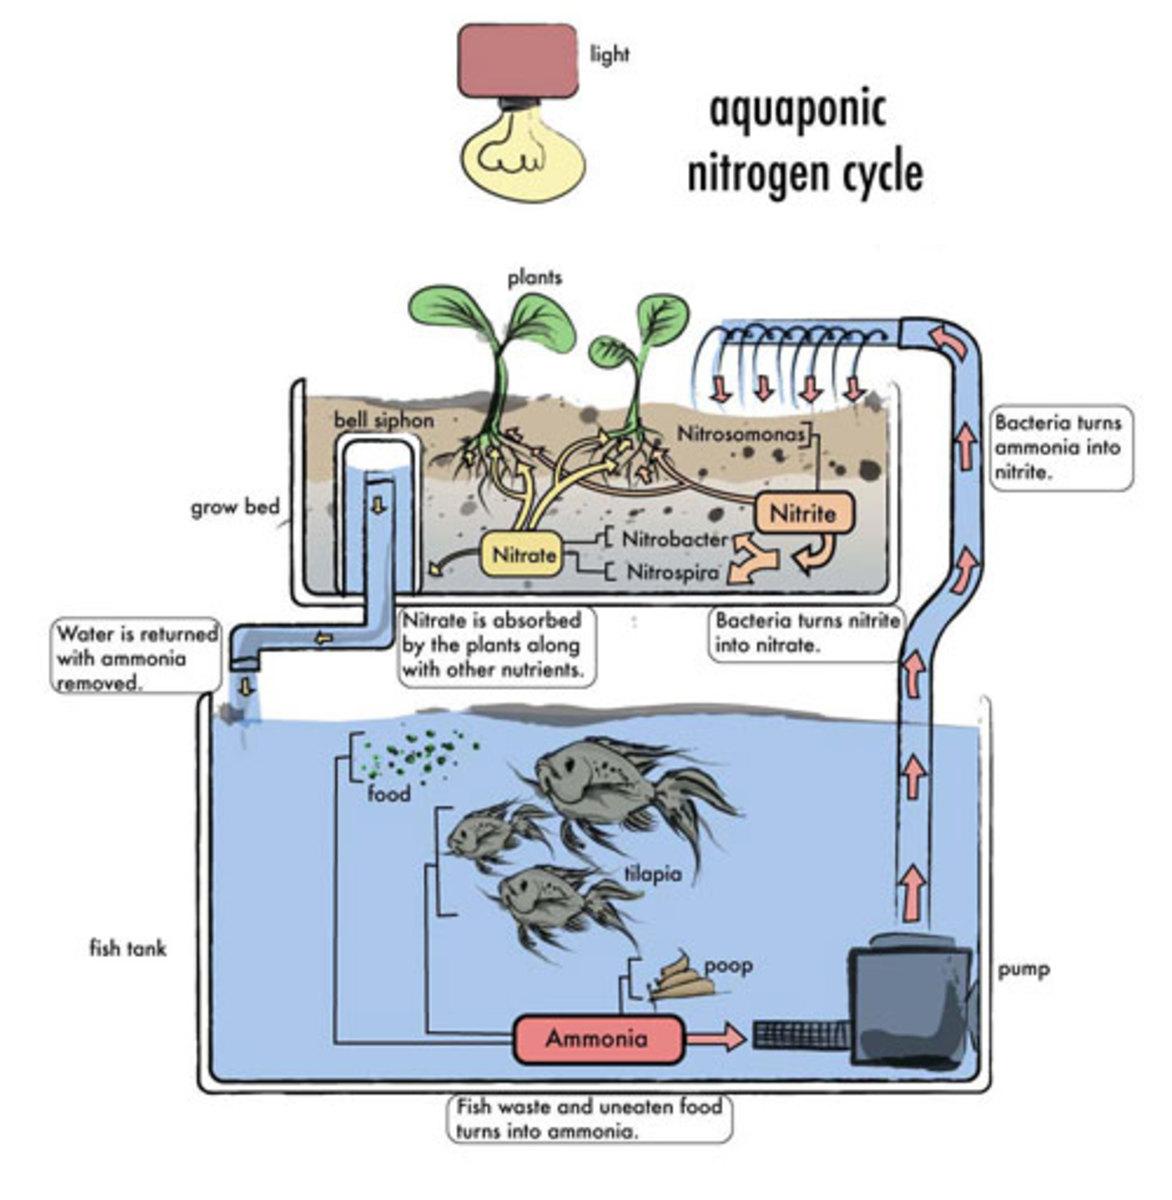 Aquaponics System: How it works